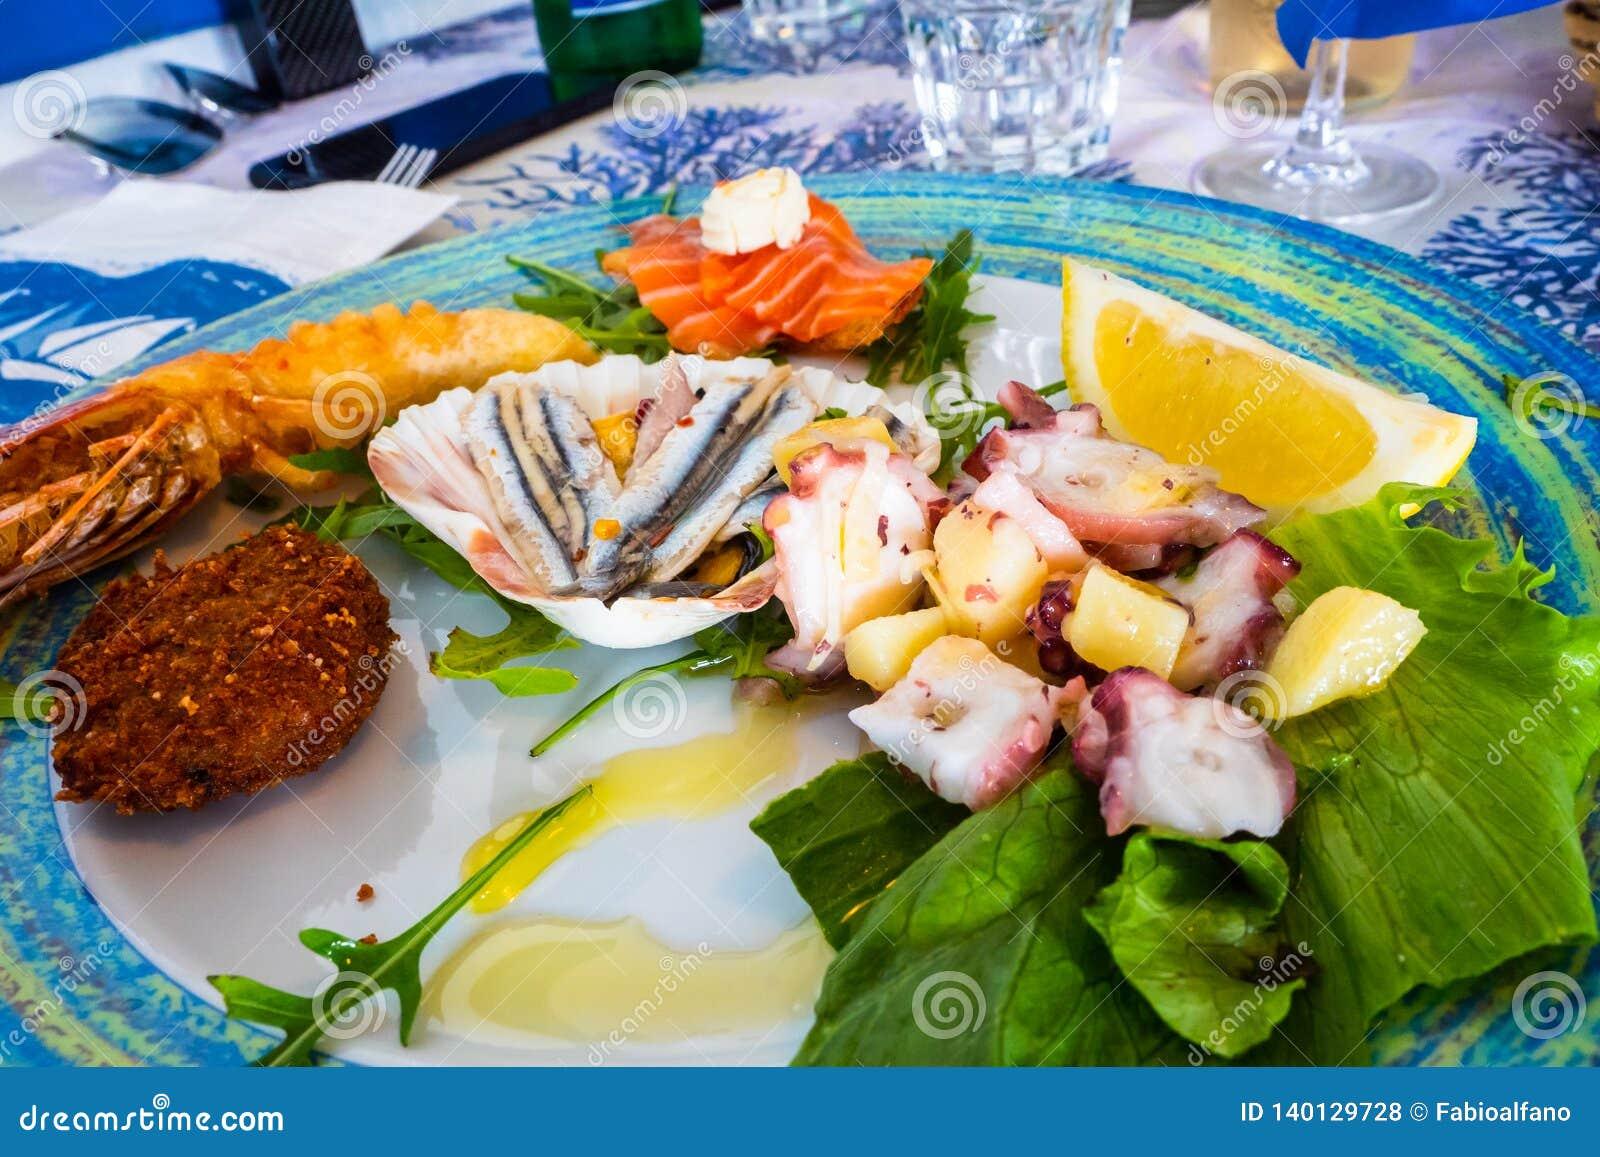 Le plat de fruits de mer a mélangé des poissons, salade de poulpe, crevette rouge frite, anchois assaisonné avec l huile d olive